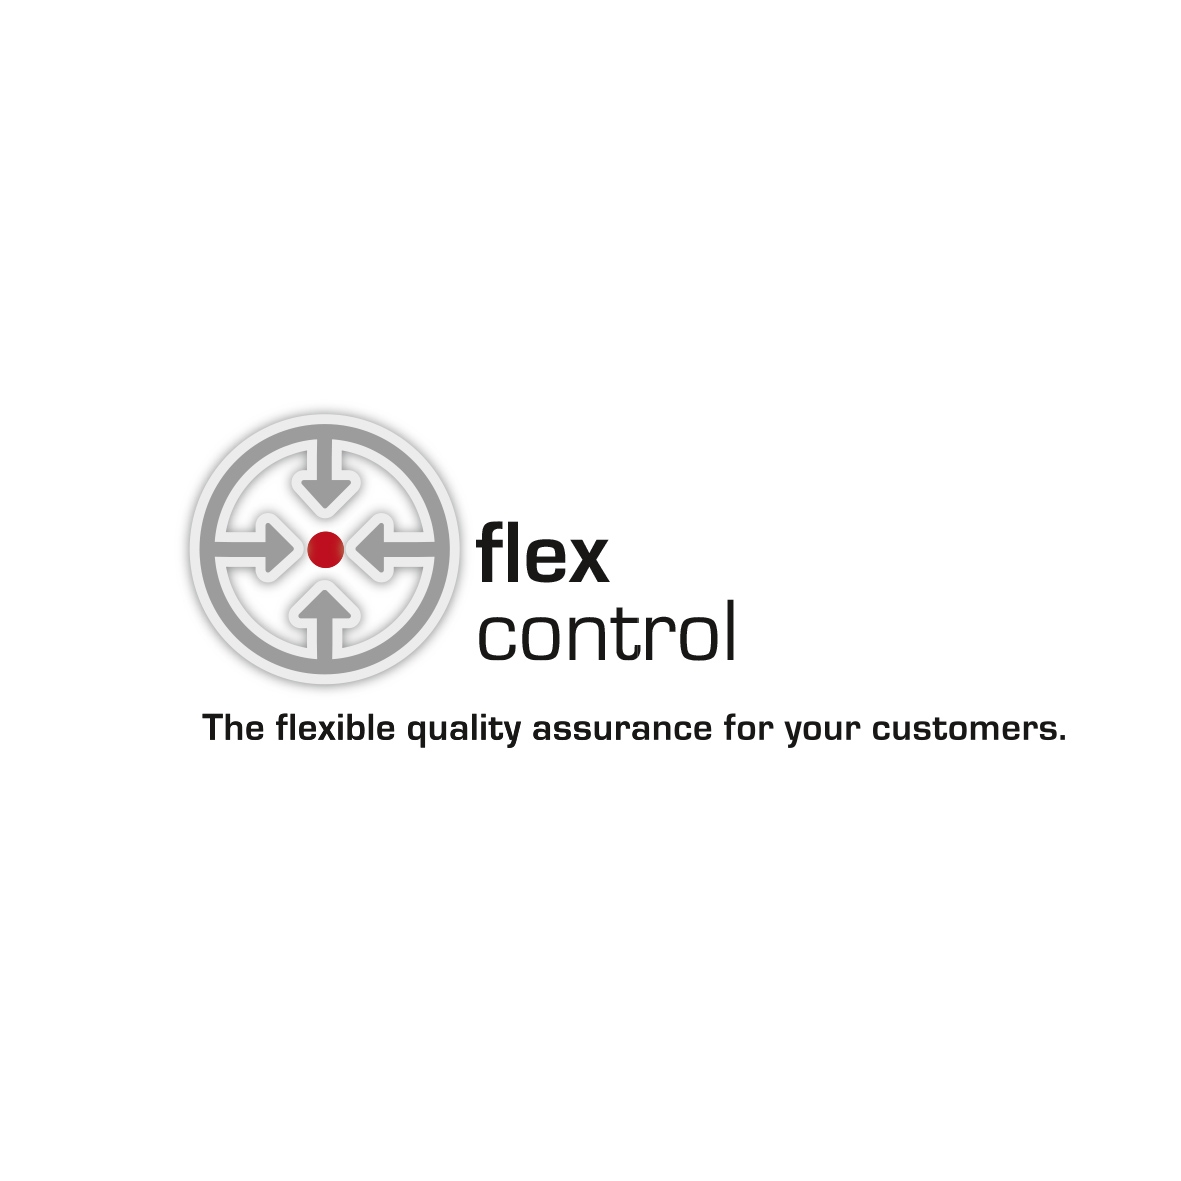 Logo Flex Control